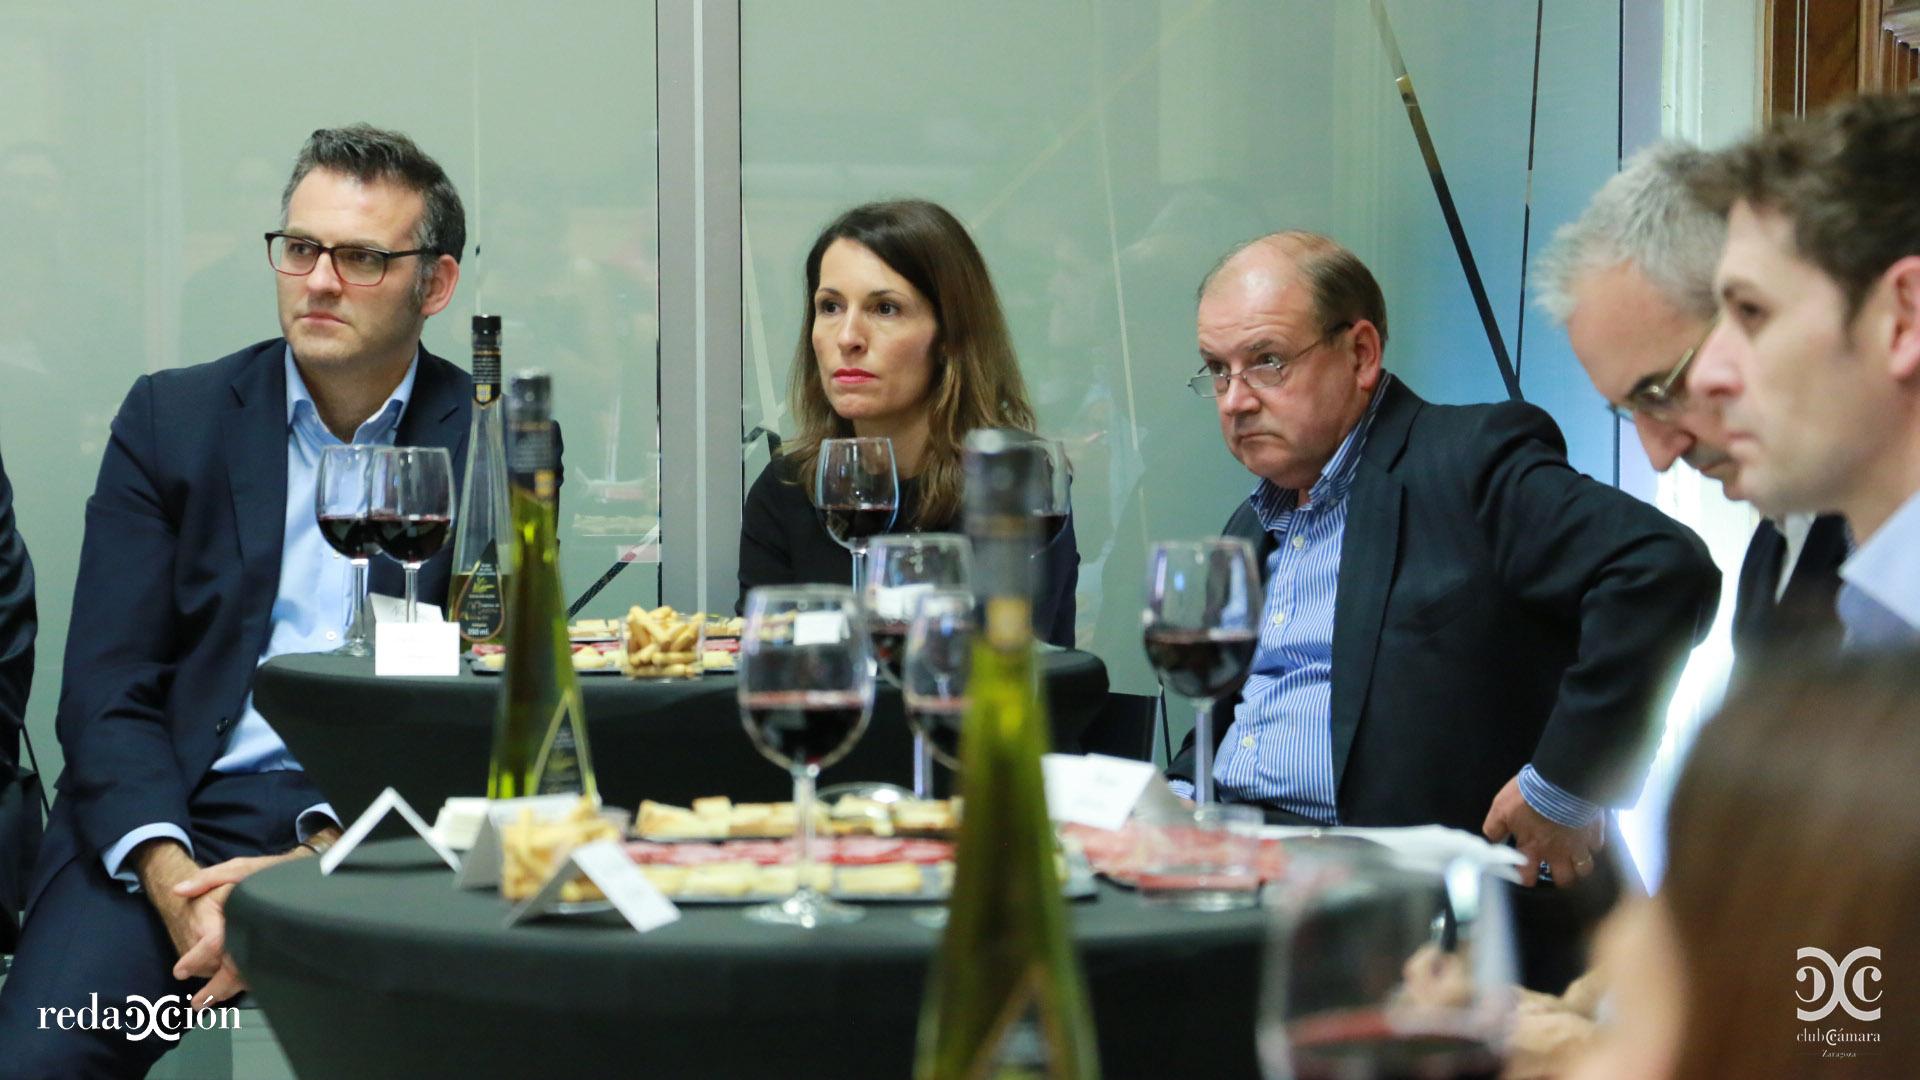 Javier Andonegui, Natalia García y Félix Longas.